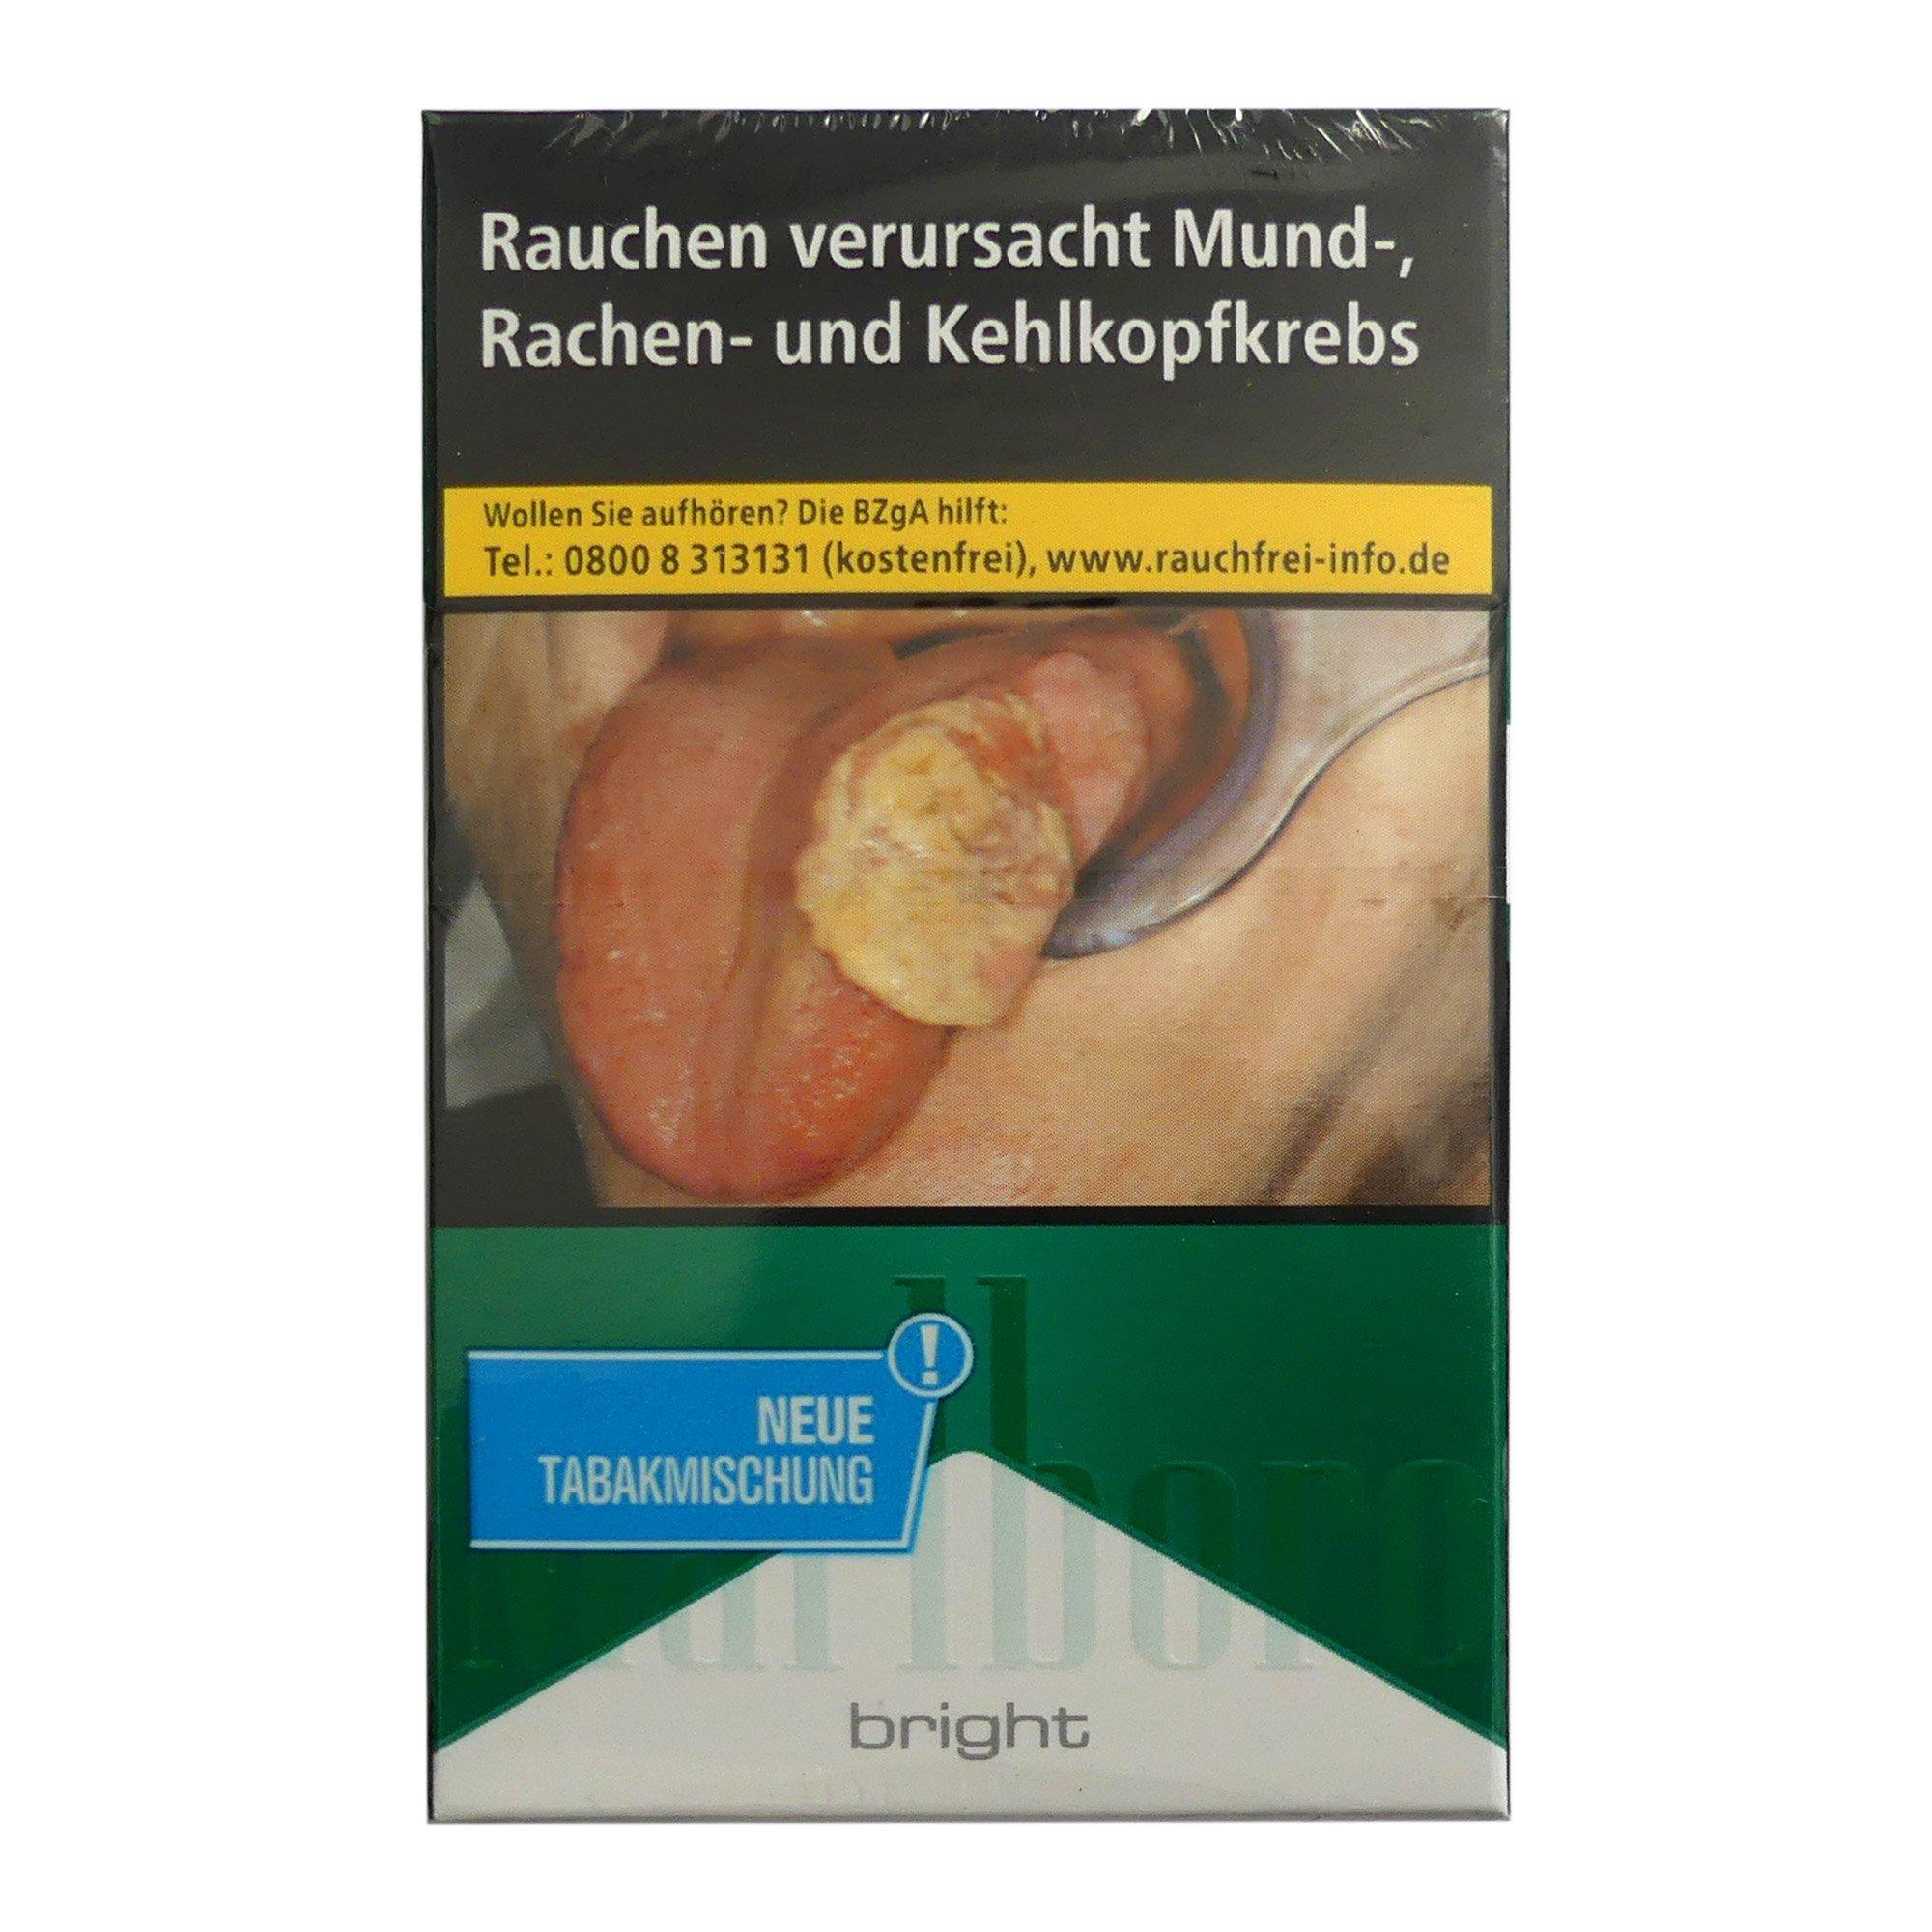 Marlboro Bright Zigaretten (ohne Menthol) Inhalt 20 Stück